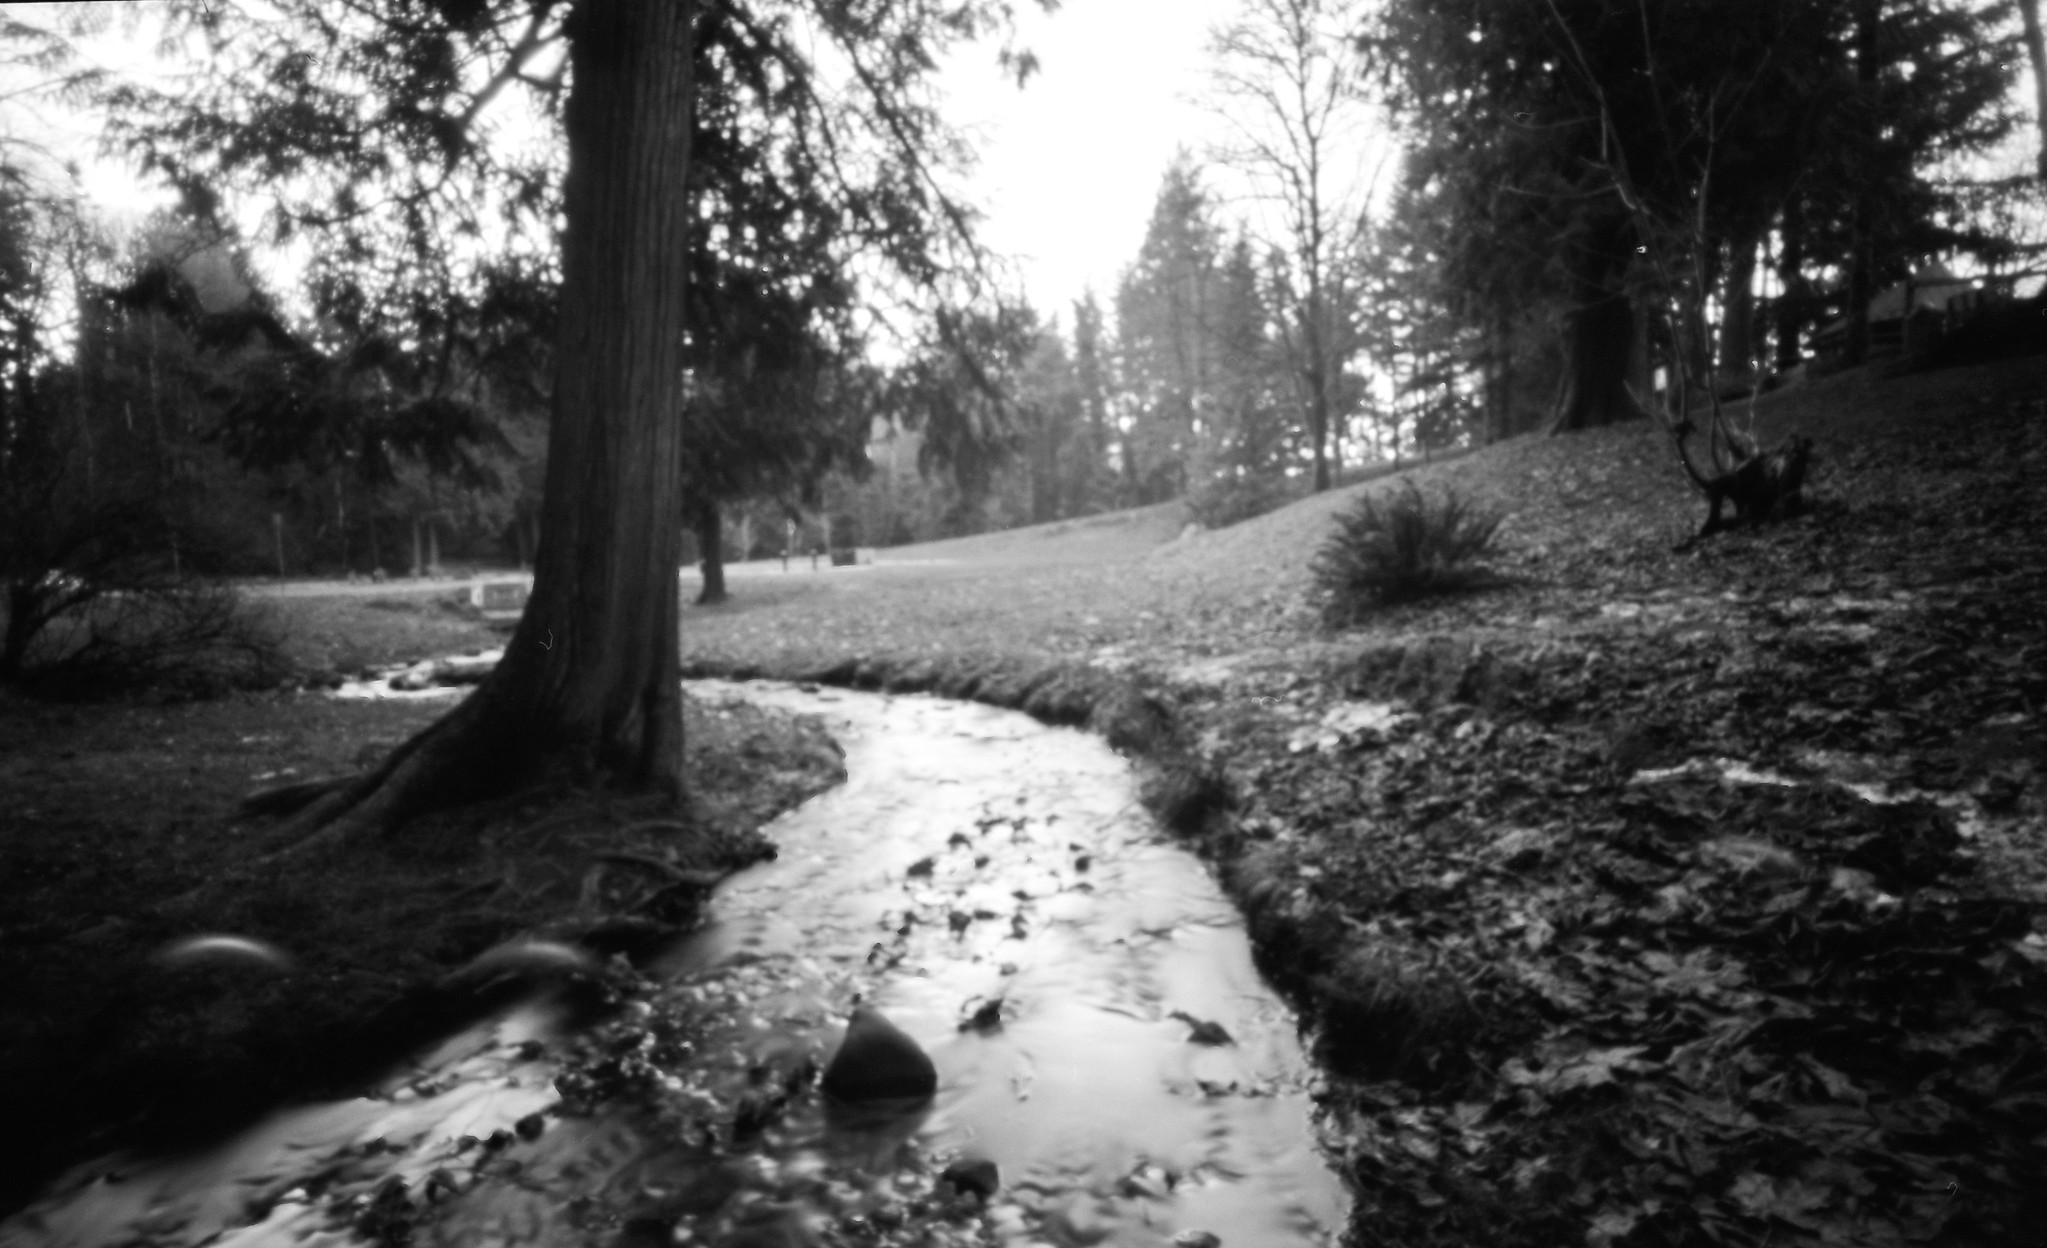 Meinig Park